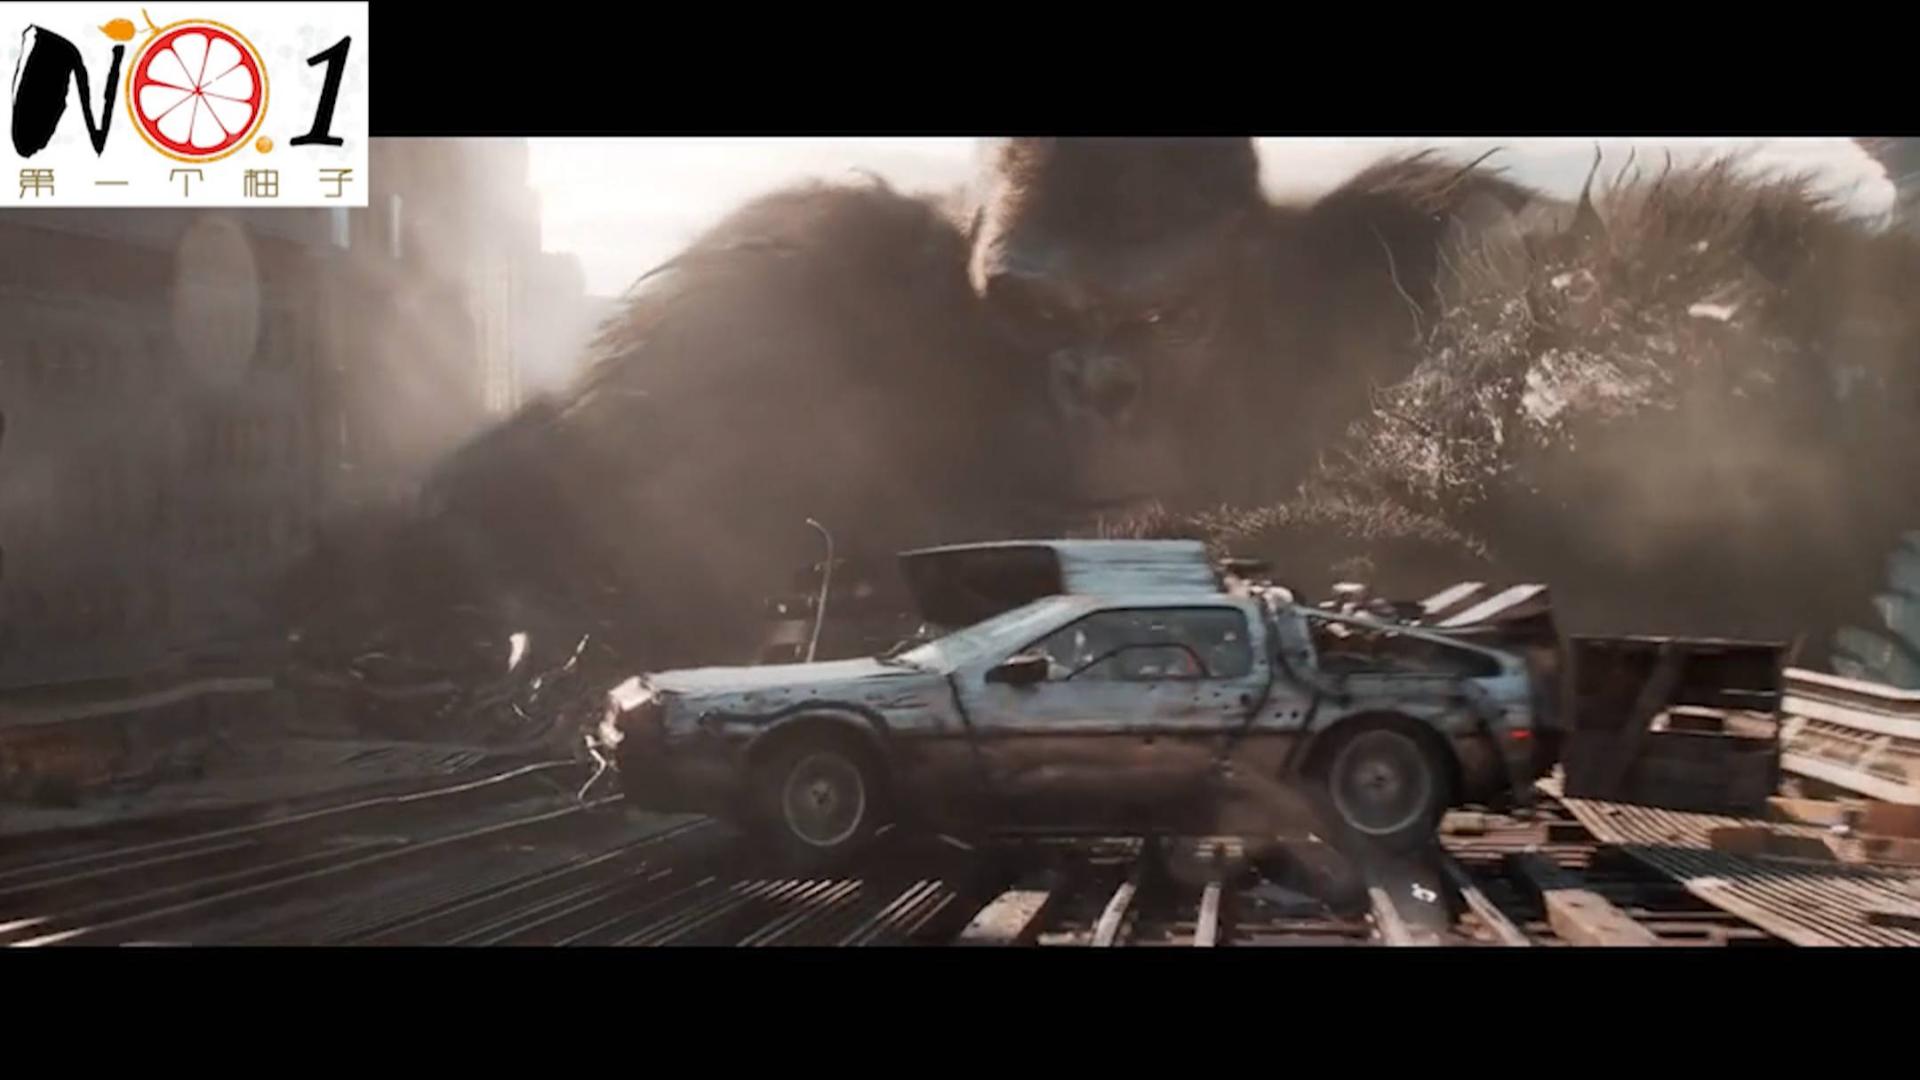 融合了各种电影元素的一场赛车,这个算什么级别的难度呢?